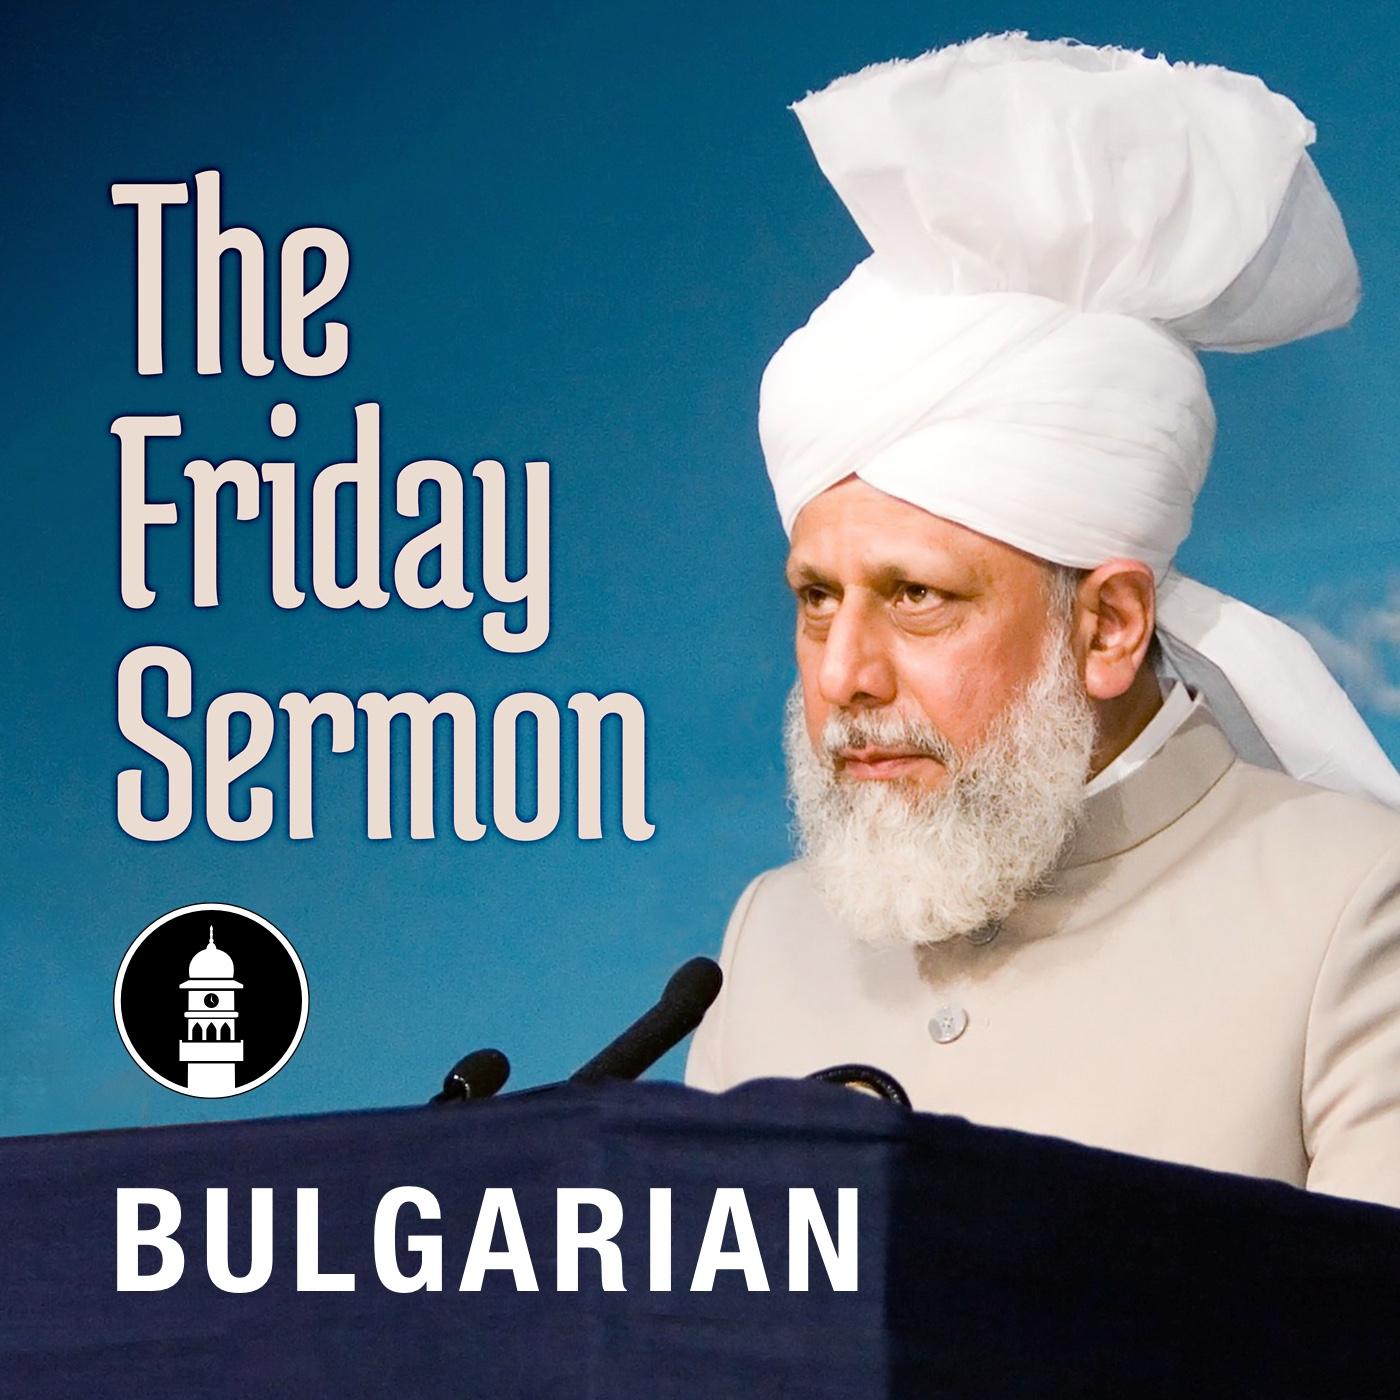 Bulgarian Friday Sermon by Head of Ahmadiyya Muslim Community